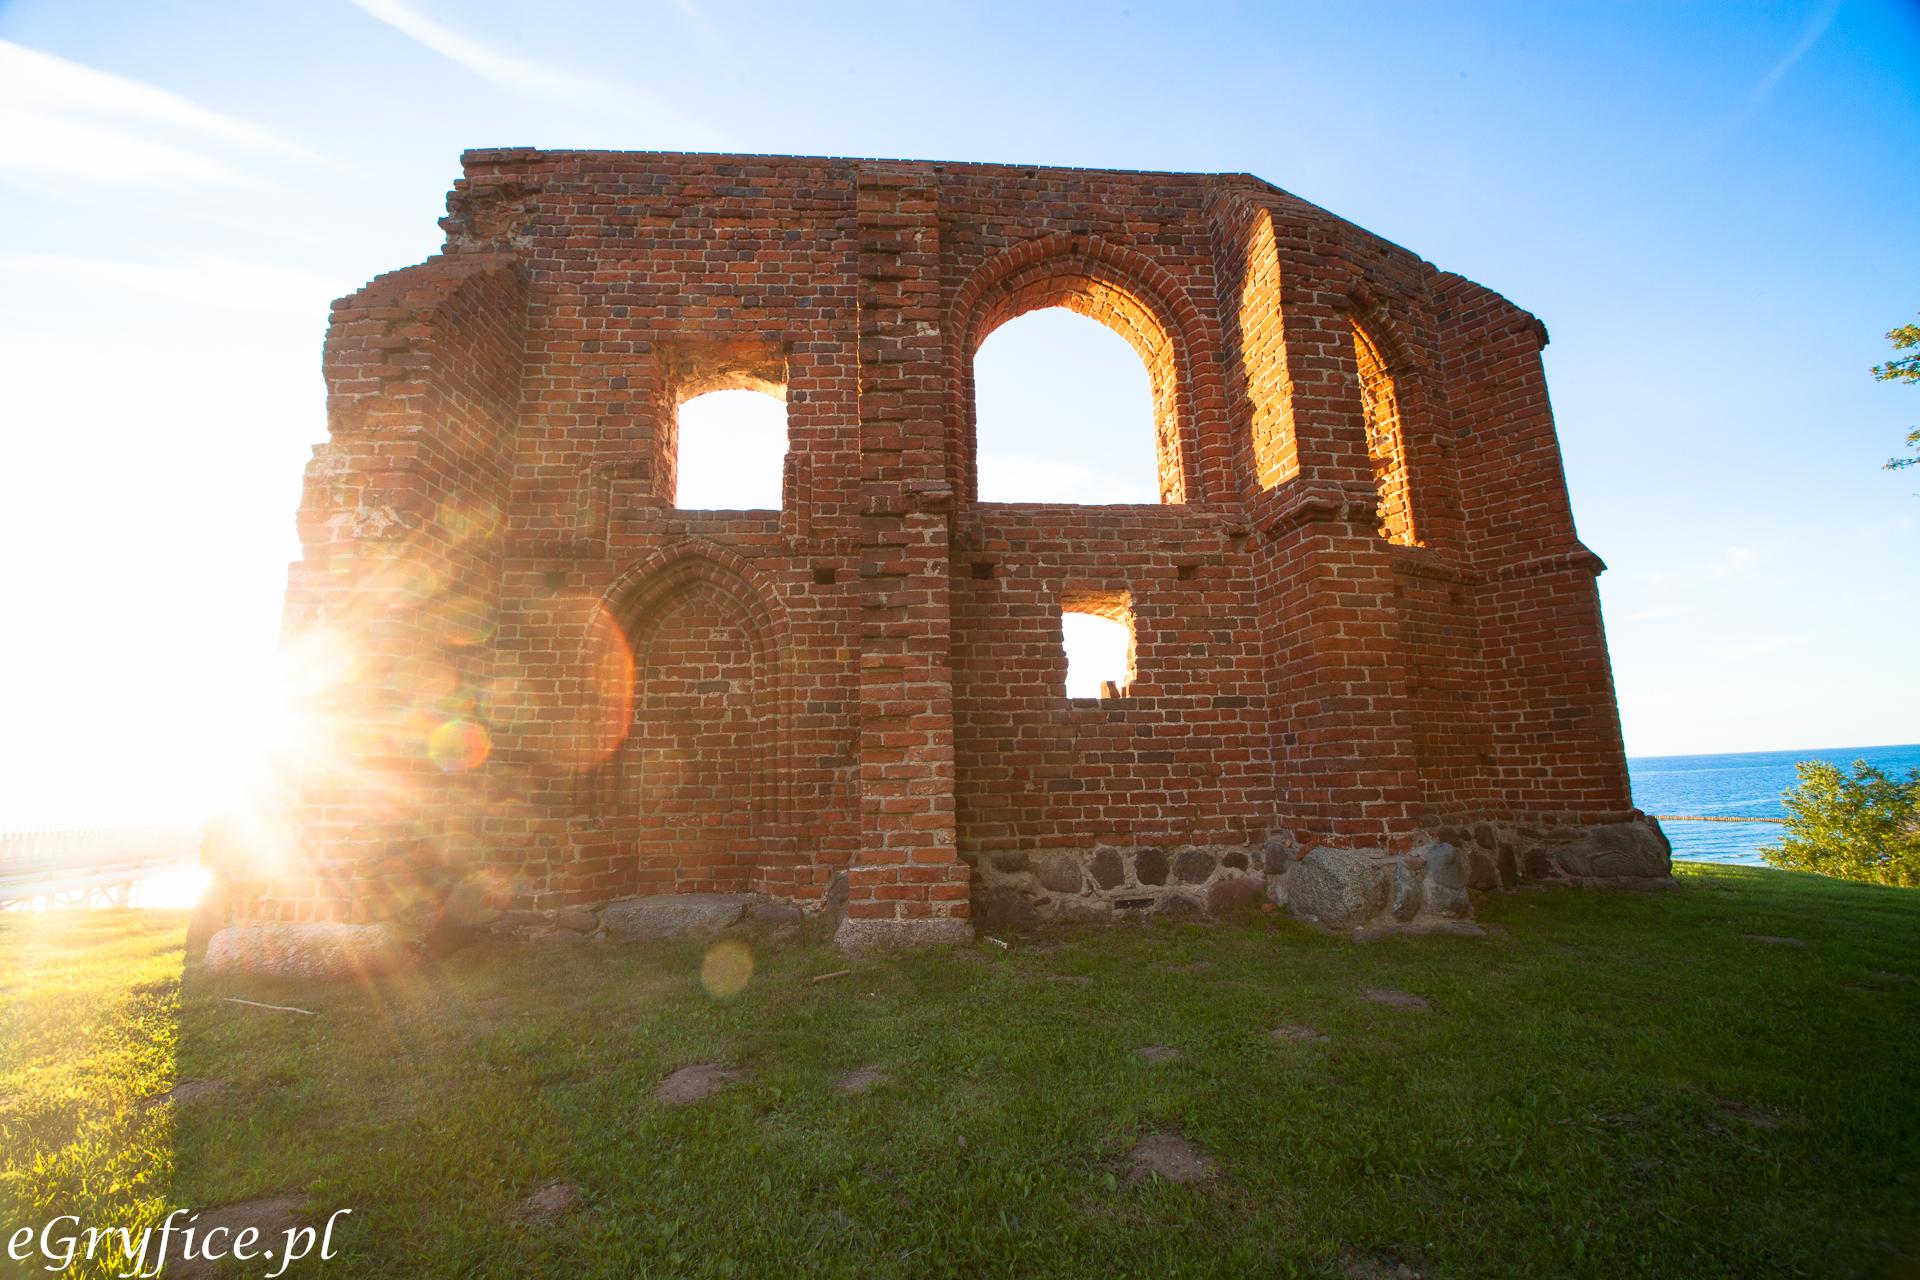 Ruiny kościoła w Trzęsaczu, widok z lądu z zachodzącym słońcem